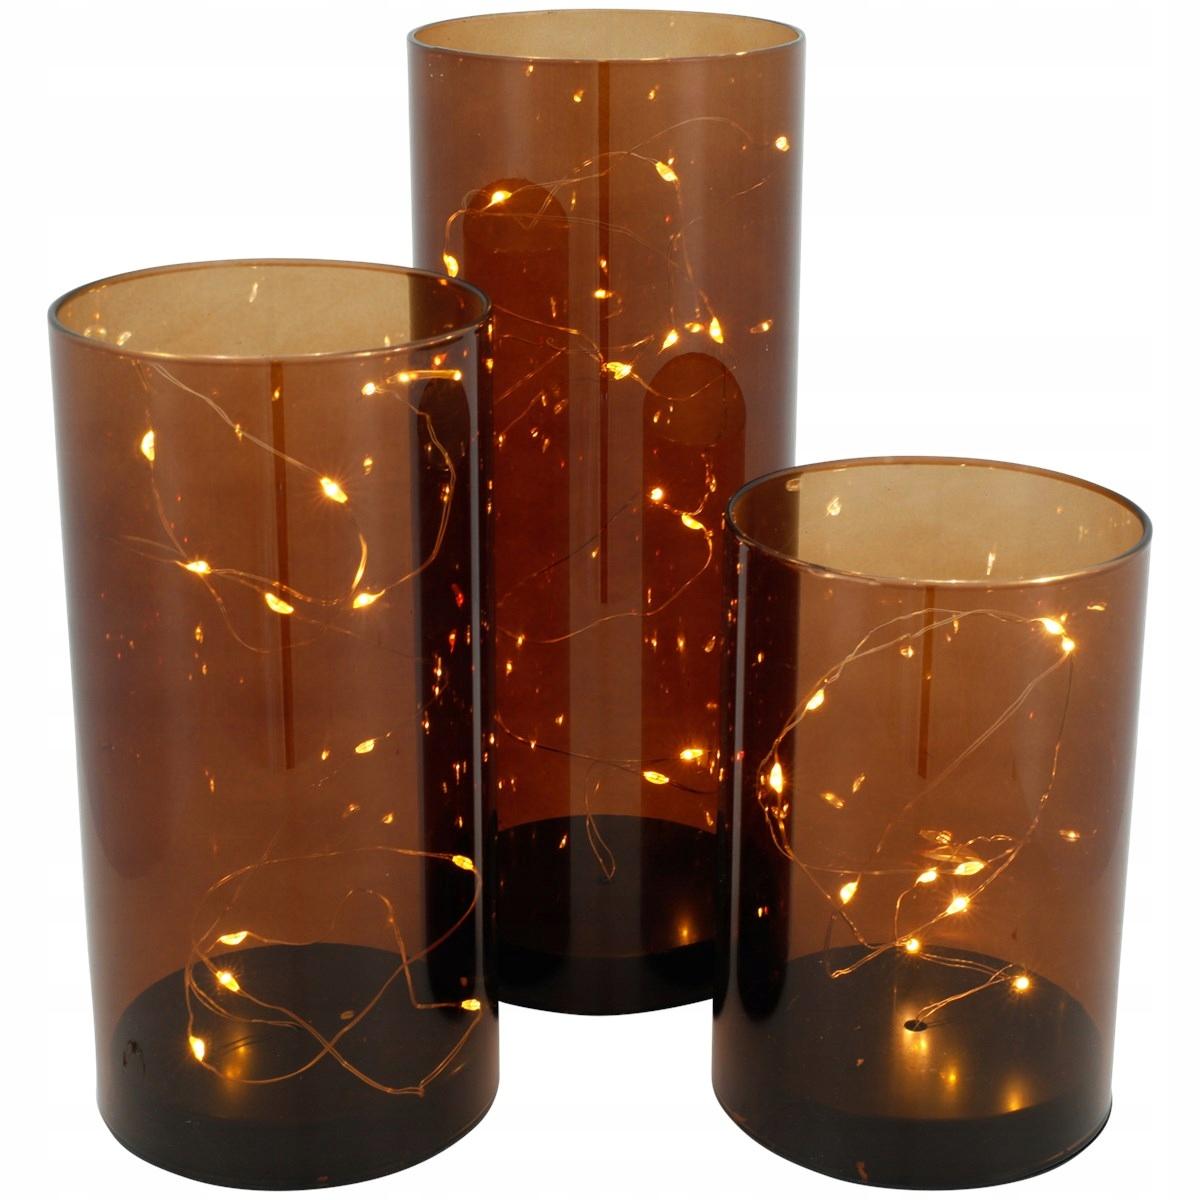 Стеклянные трубки ваза для украшения Led Glamour 3 шт.